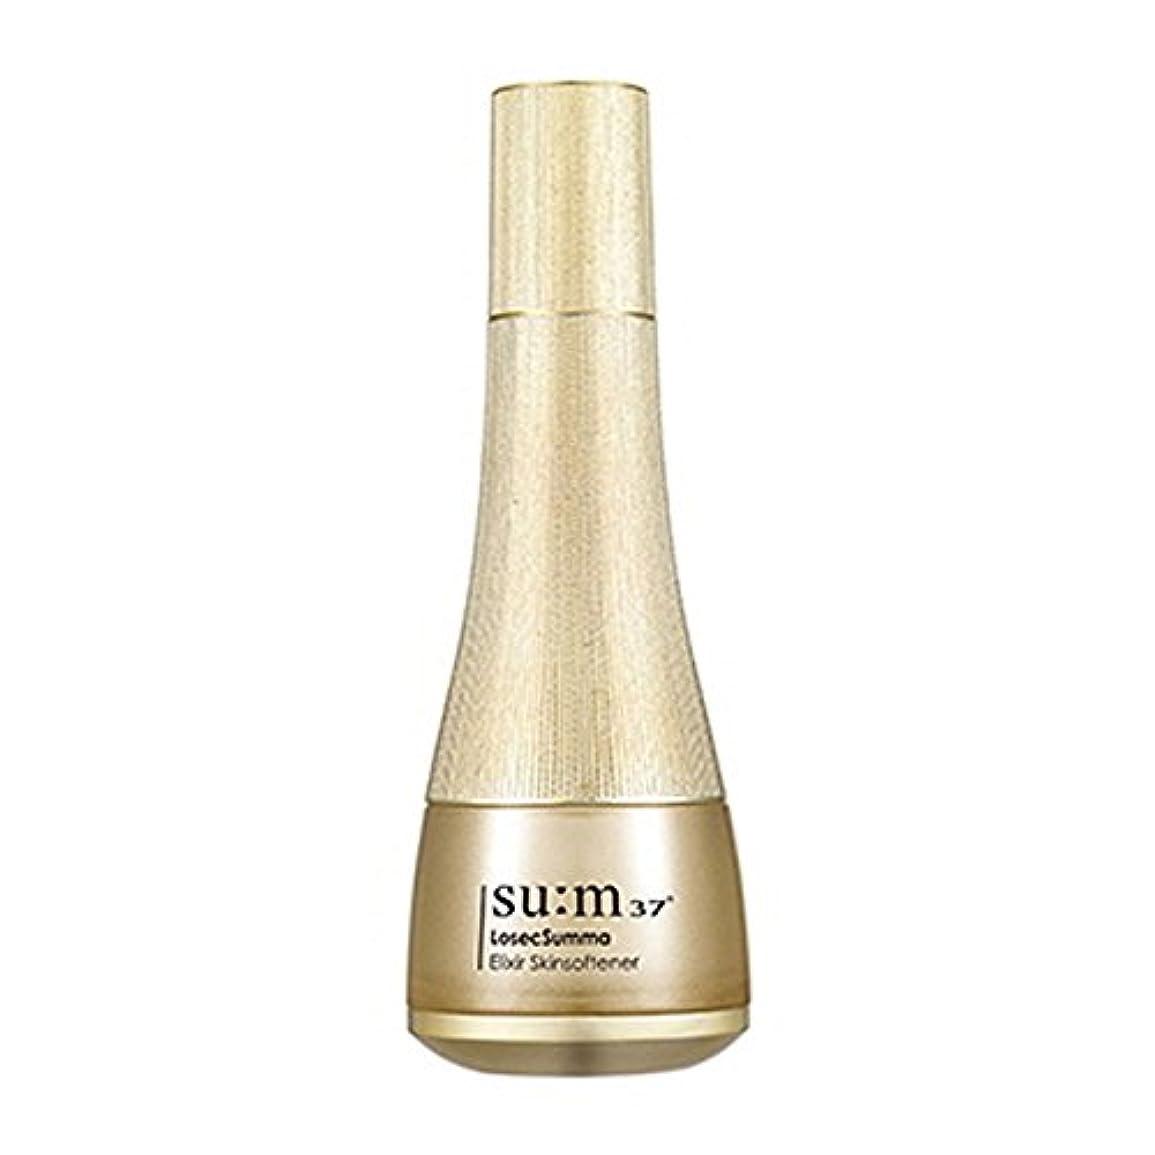 指定する格納接地[スム37º] Sum37º ロッシク スムマ エリクサー スキンソフナー  LosecSumma Elixir Skinsoftner (海外直送品) [並行輸入品]